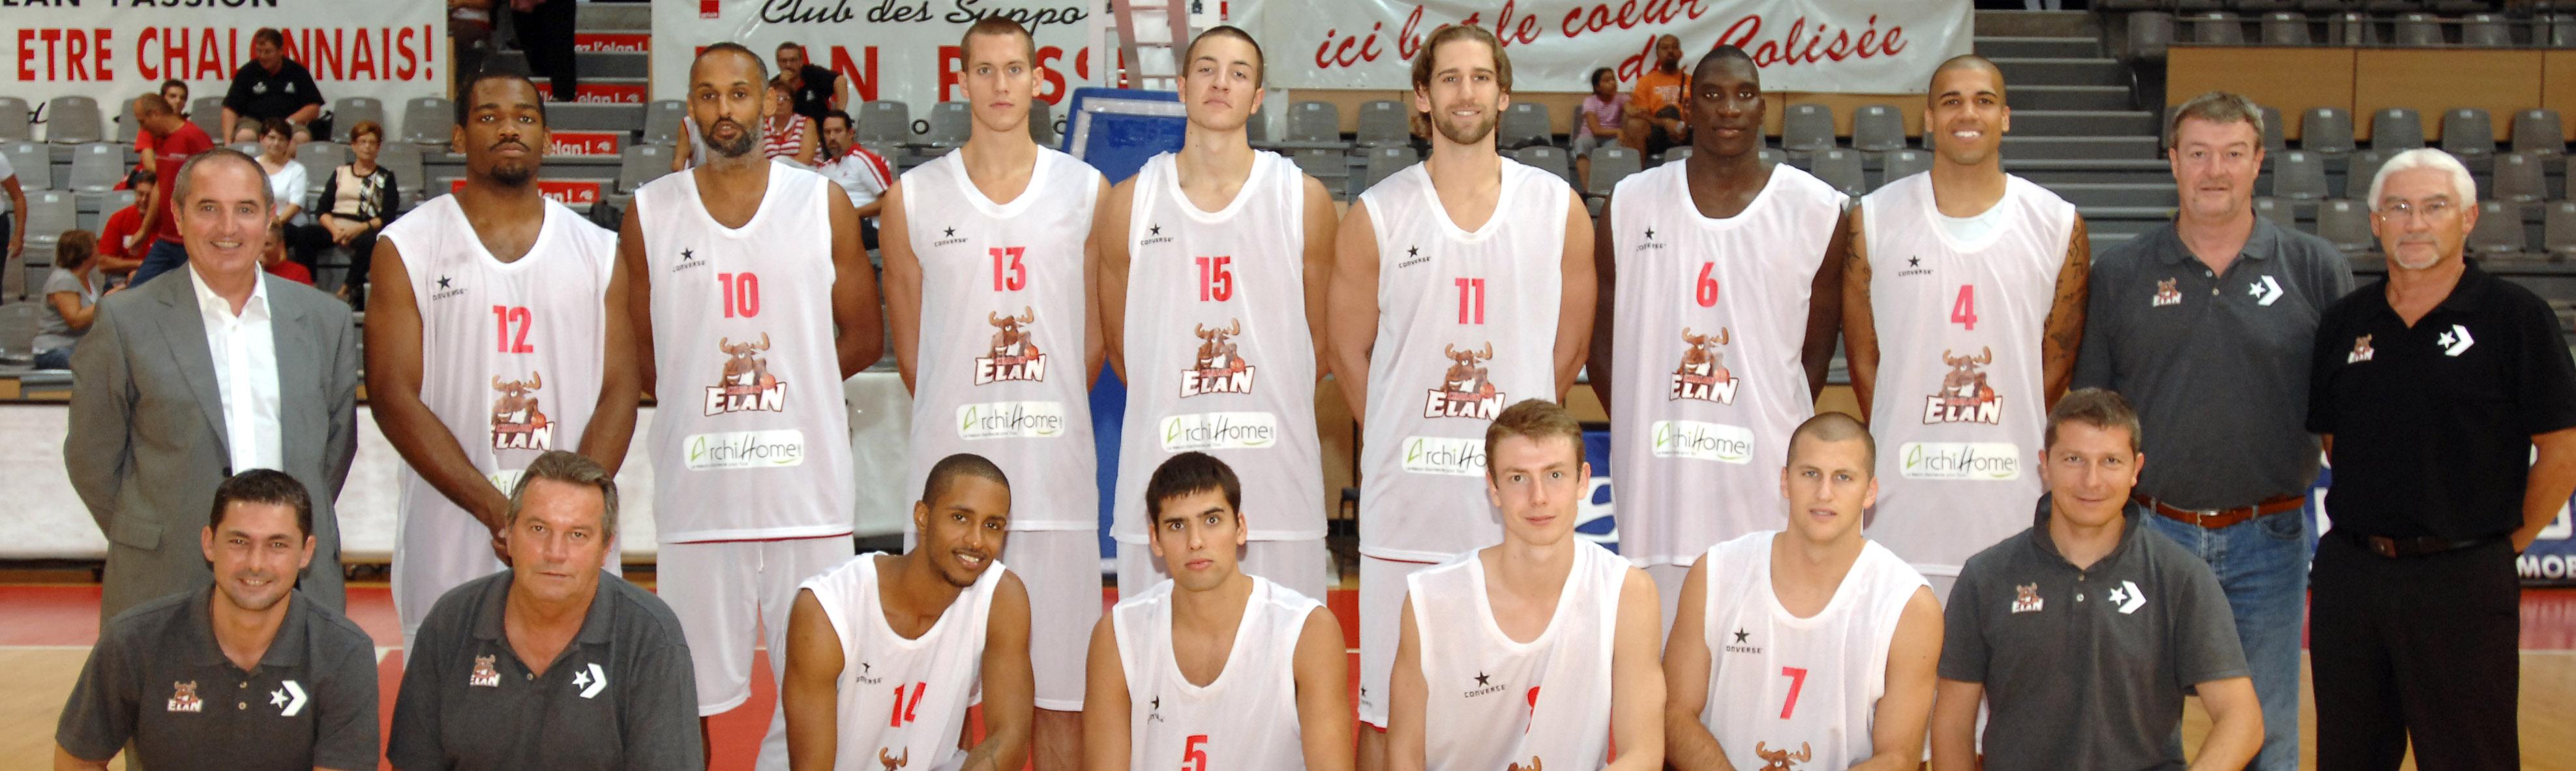 Saison 2009-2010